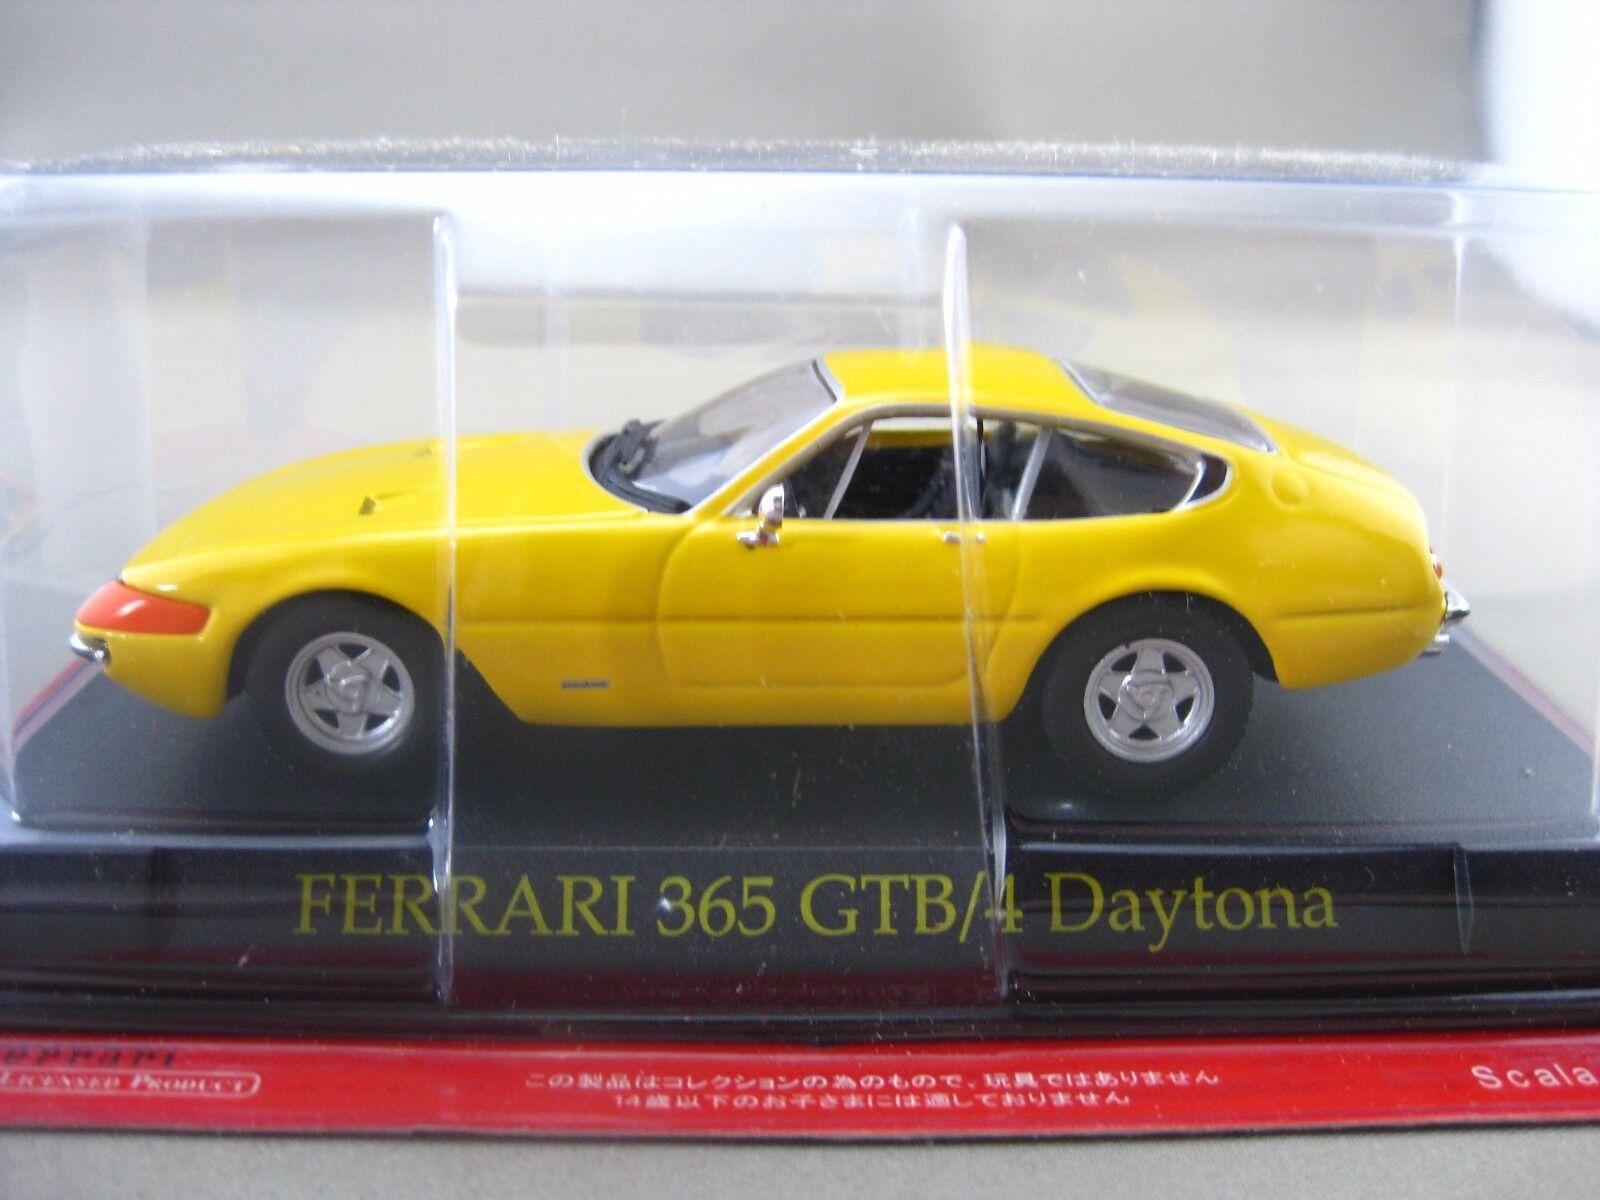 Ferrari 365 GTB DAYTONA Hachette 1 43 Diecast voiture Vol.15